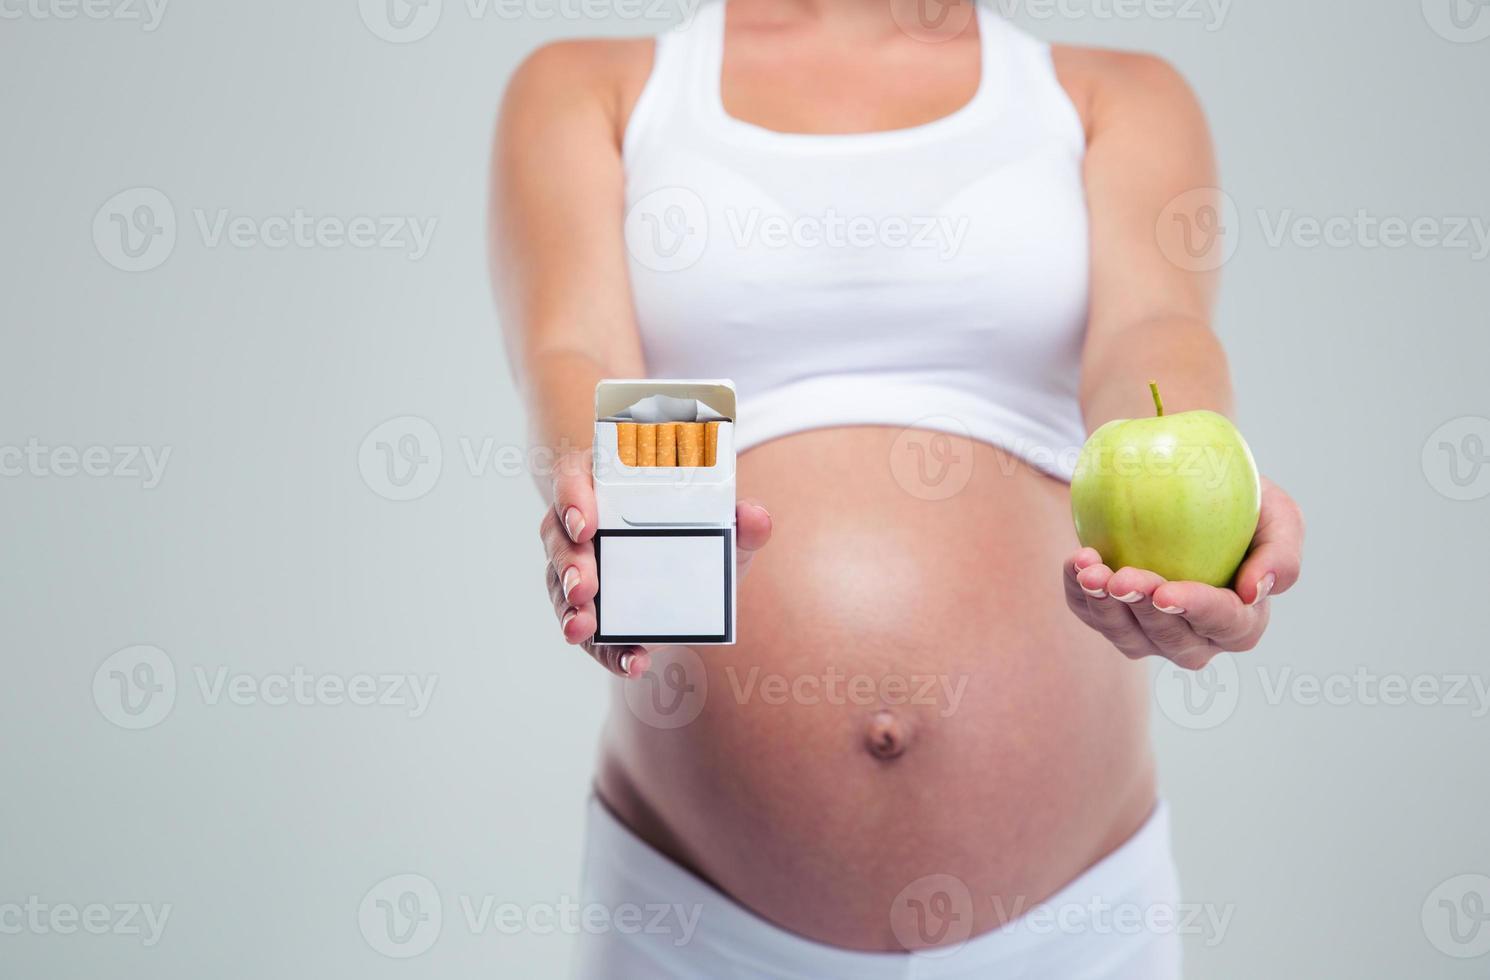 femme enceinte, choisir, beetwin, cigarettes, et, pomme photo